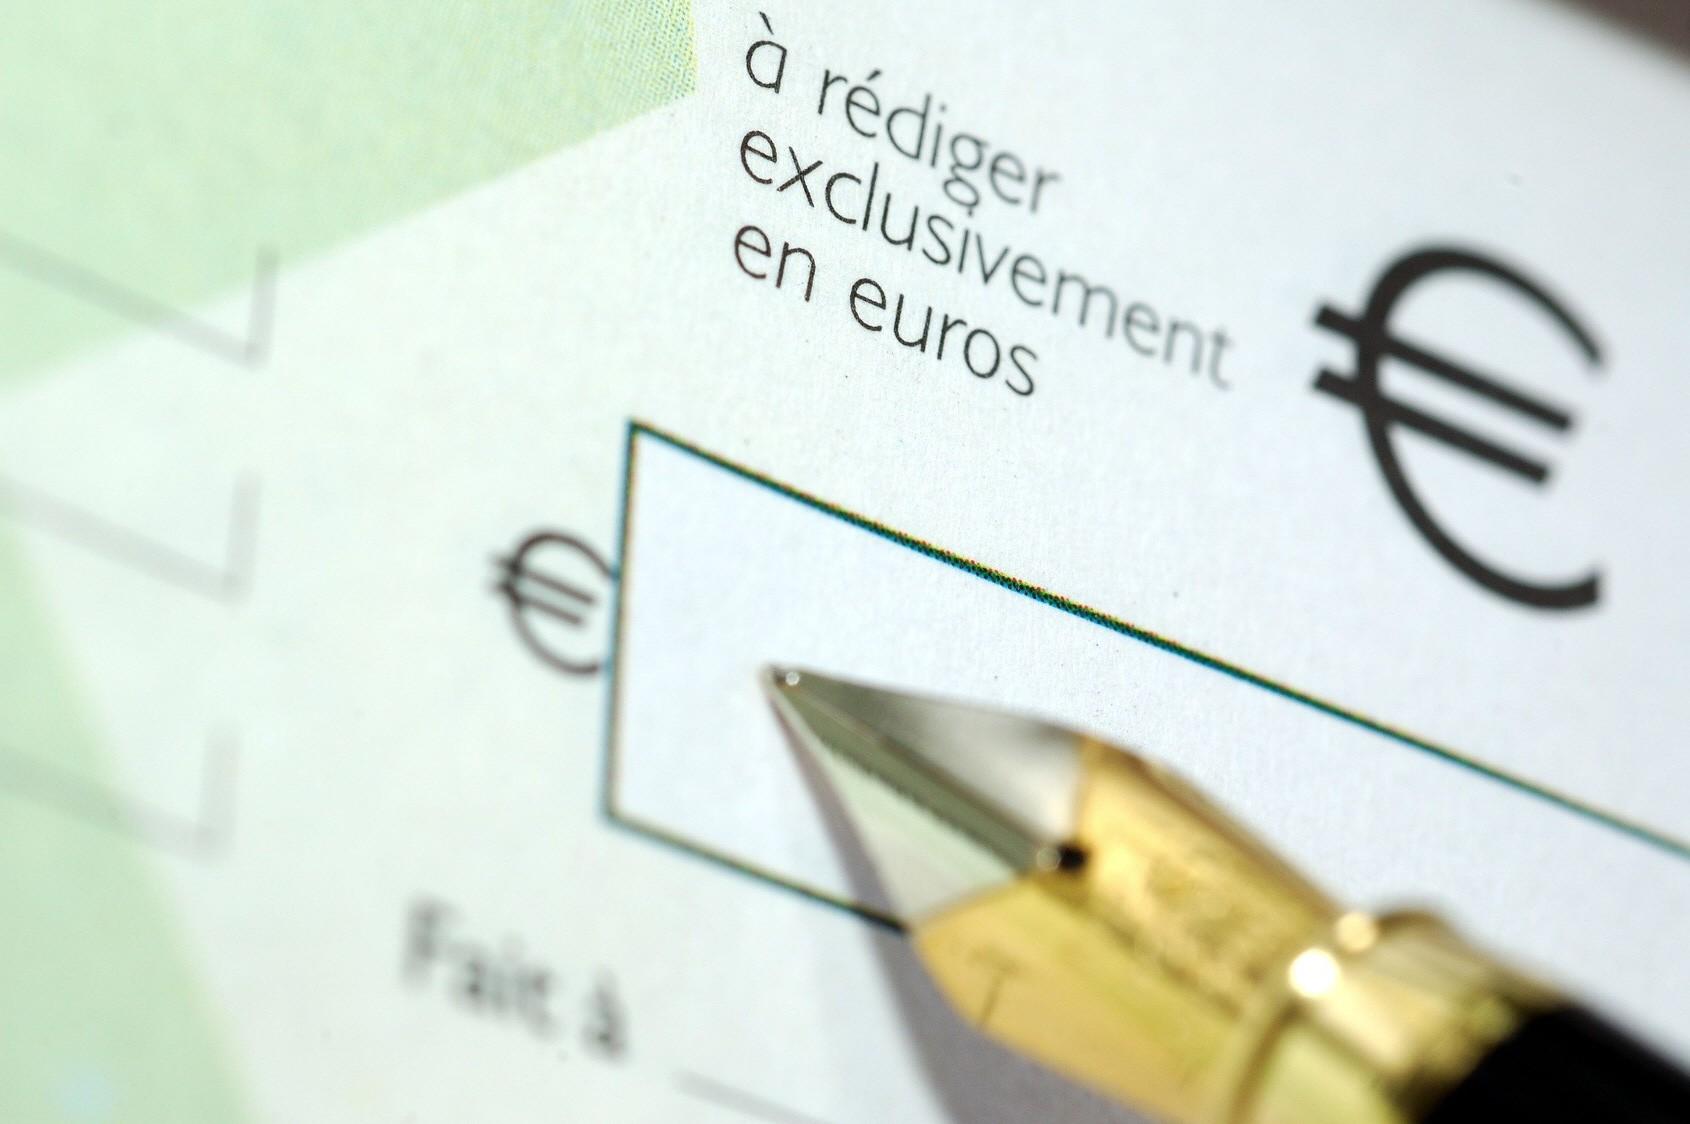 Règlement par chèque